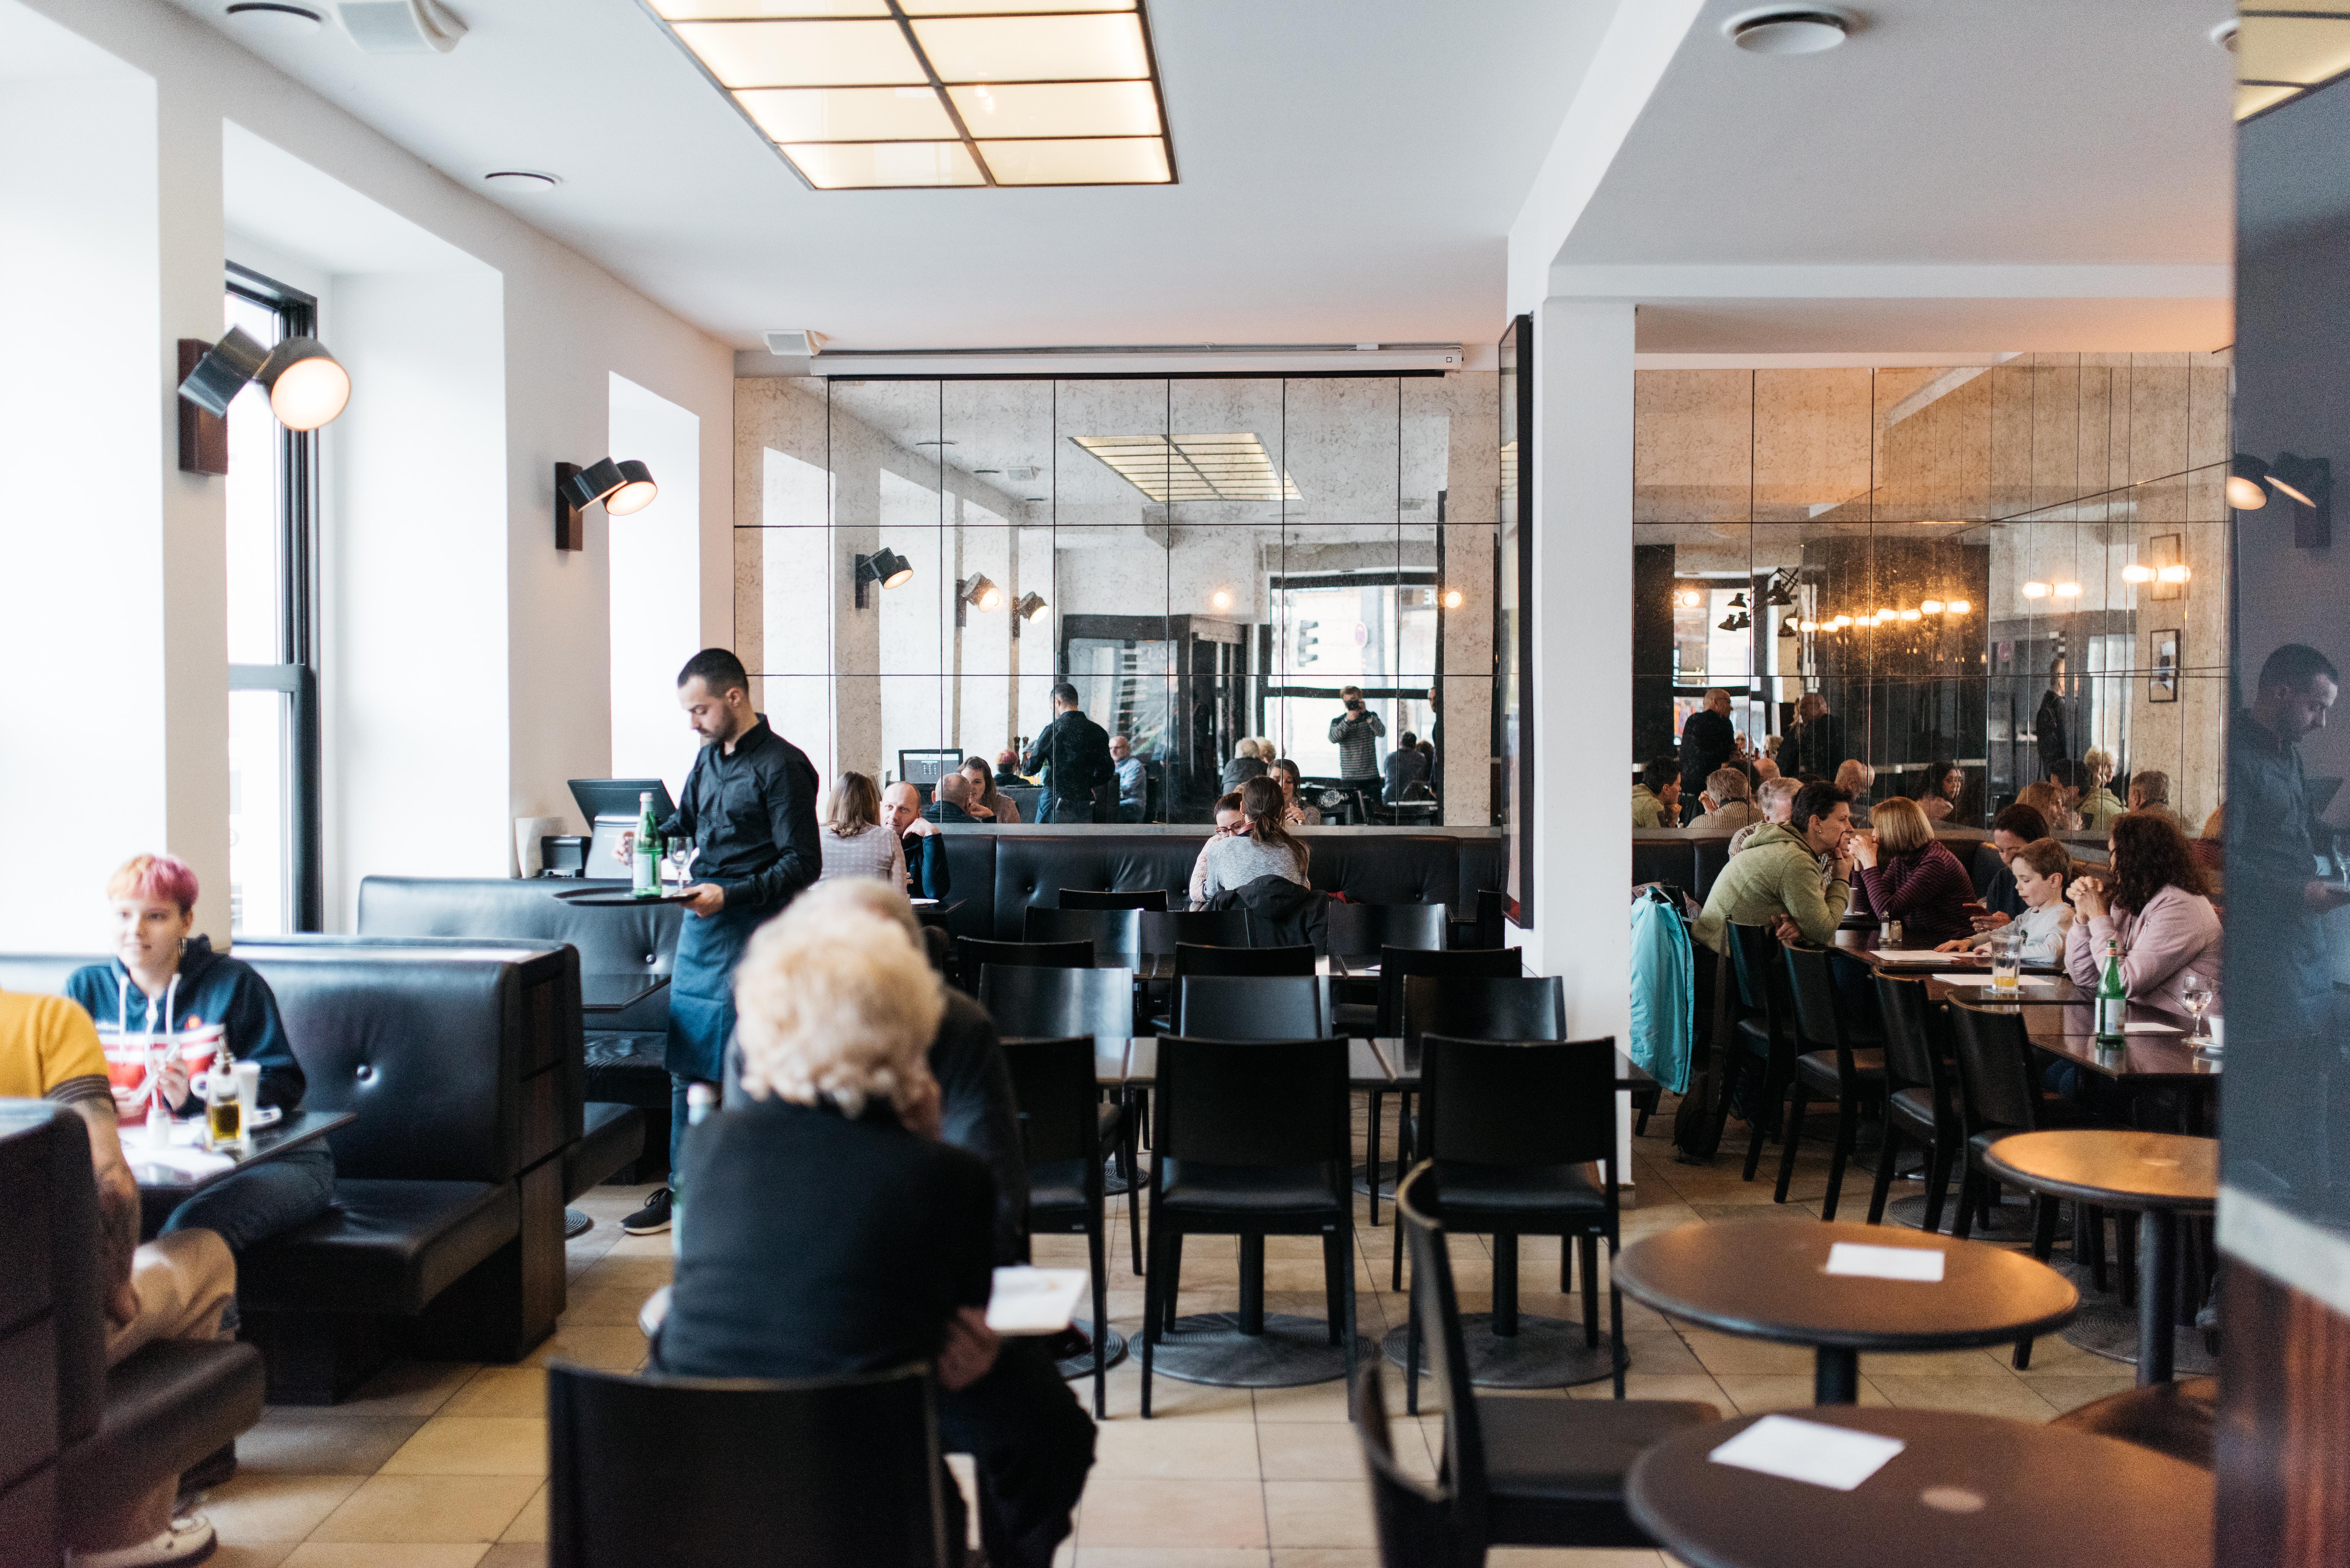 Cafe Wiener Platz Willkommen